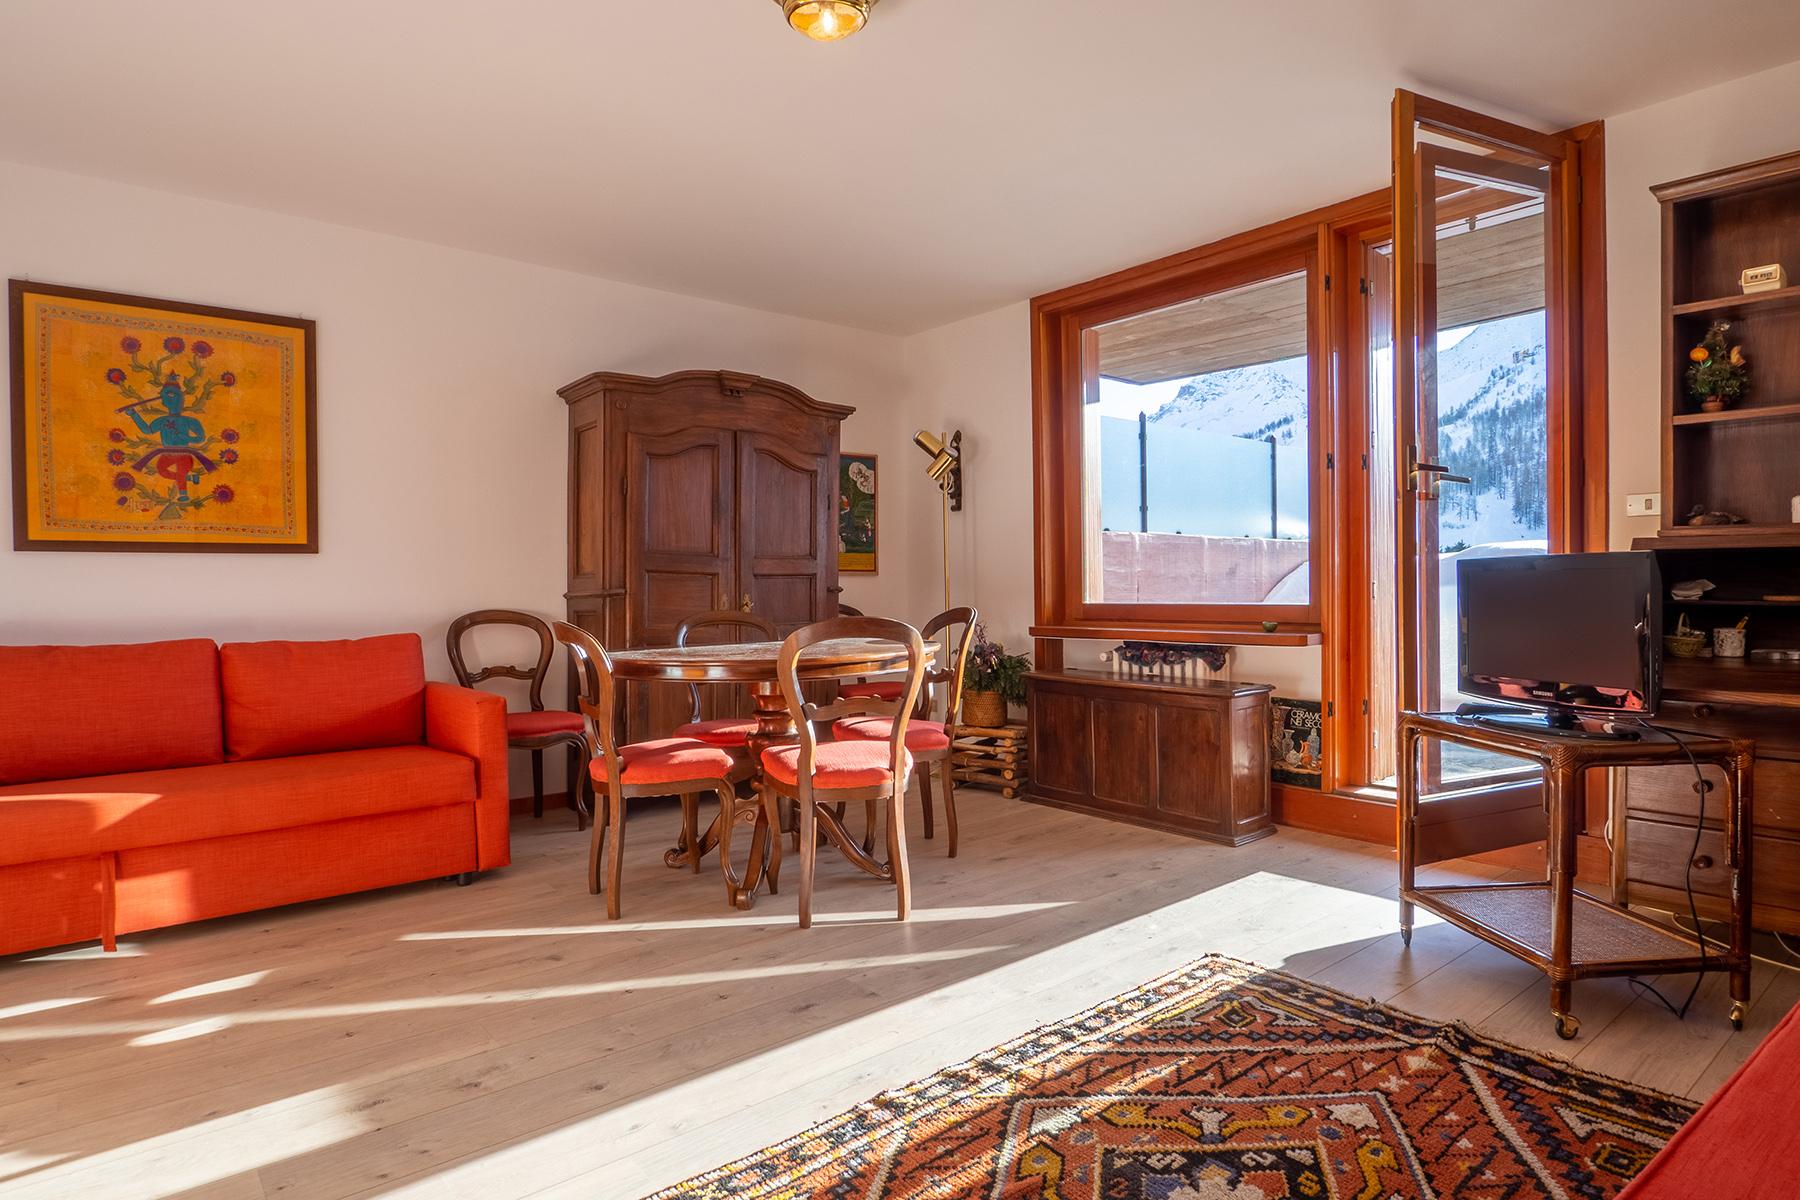 Appartamento in Vendita a Sestriere: 1 locali, 53 mq - Foto 7